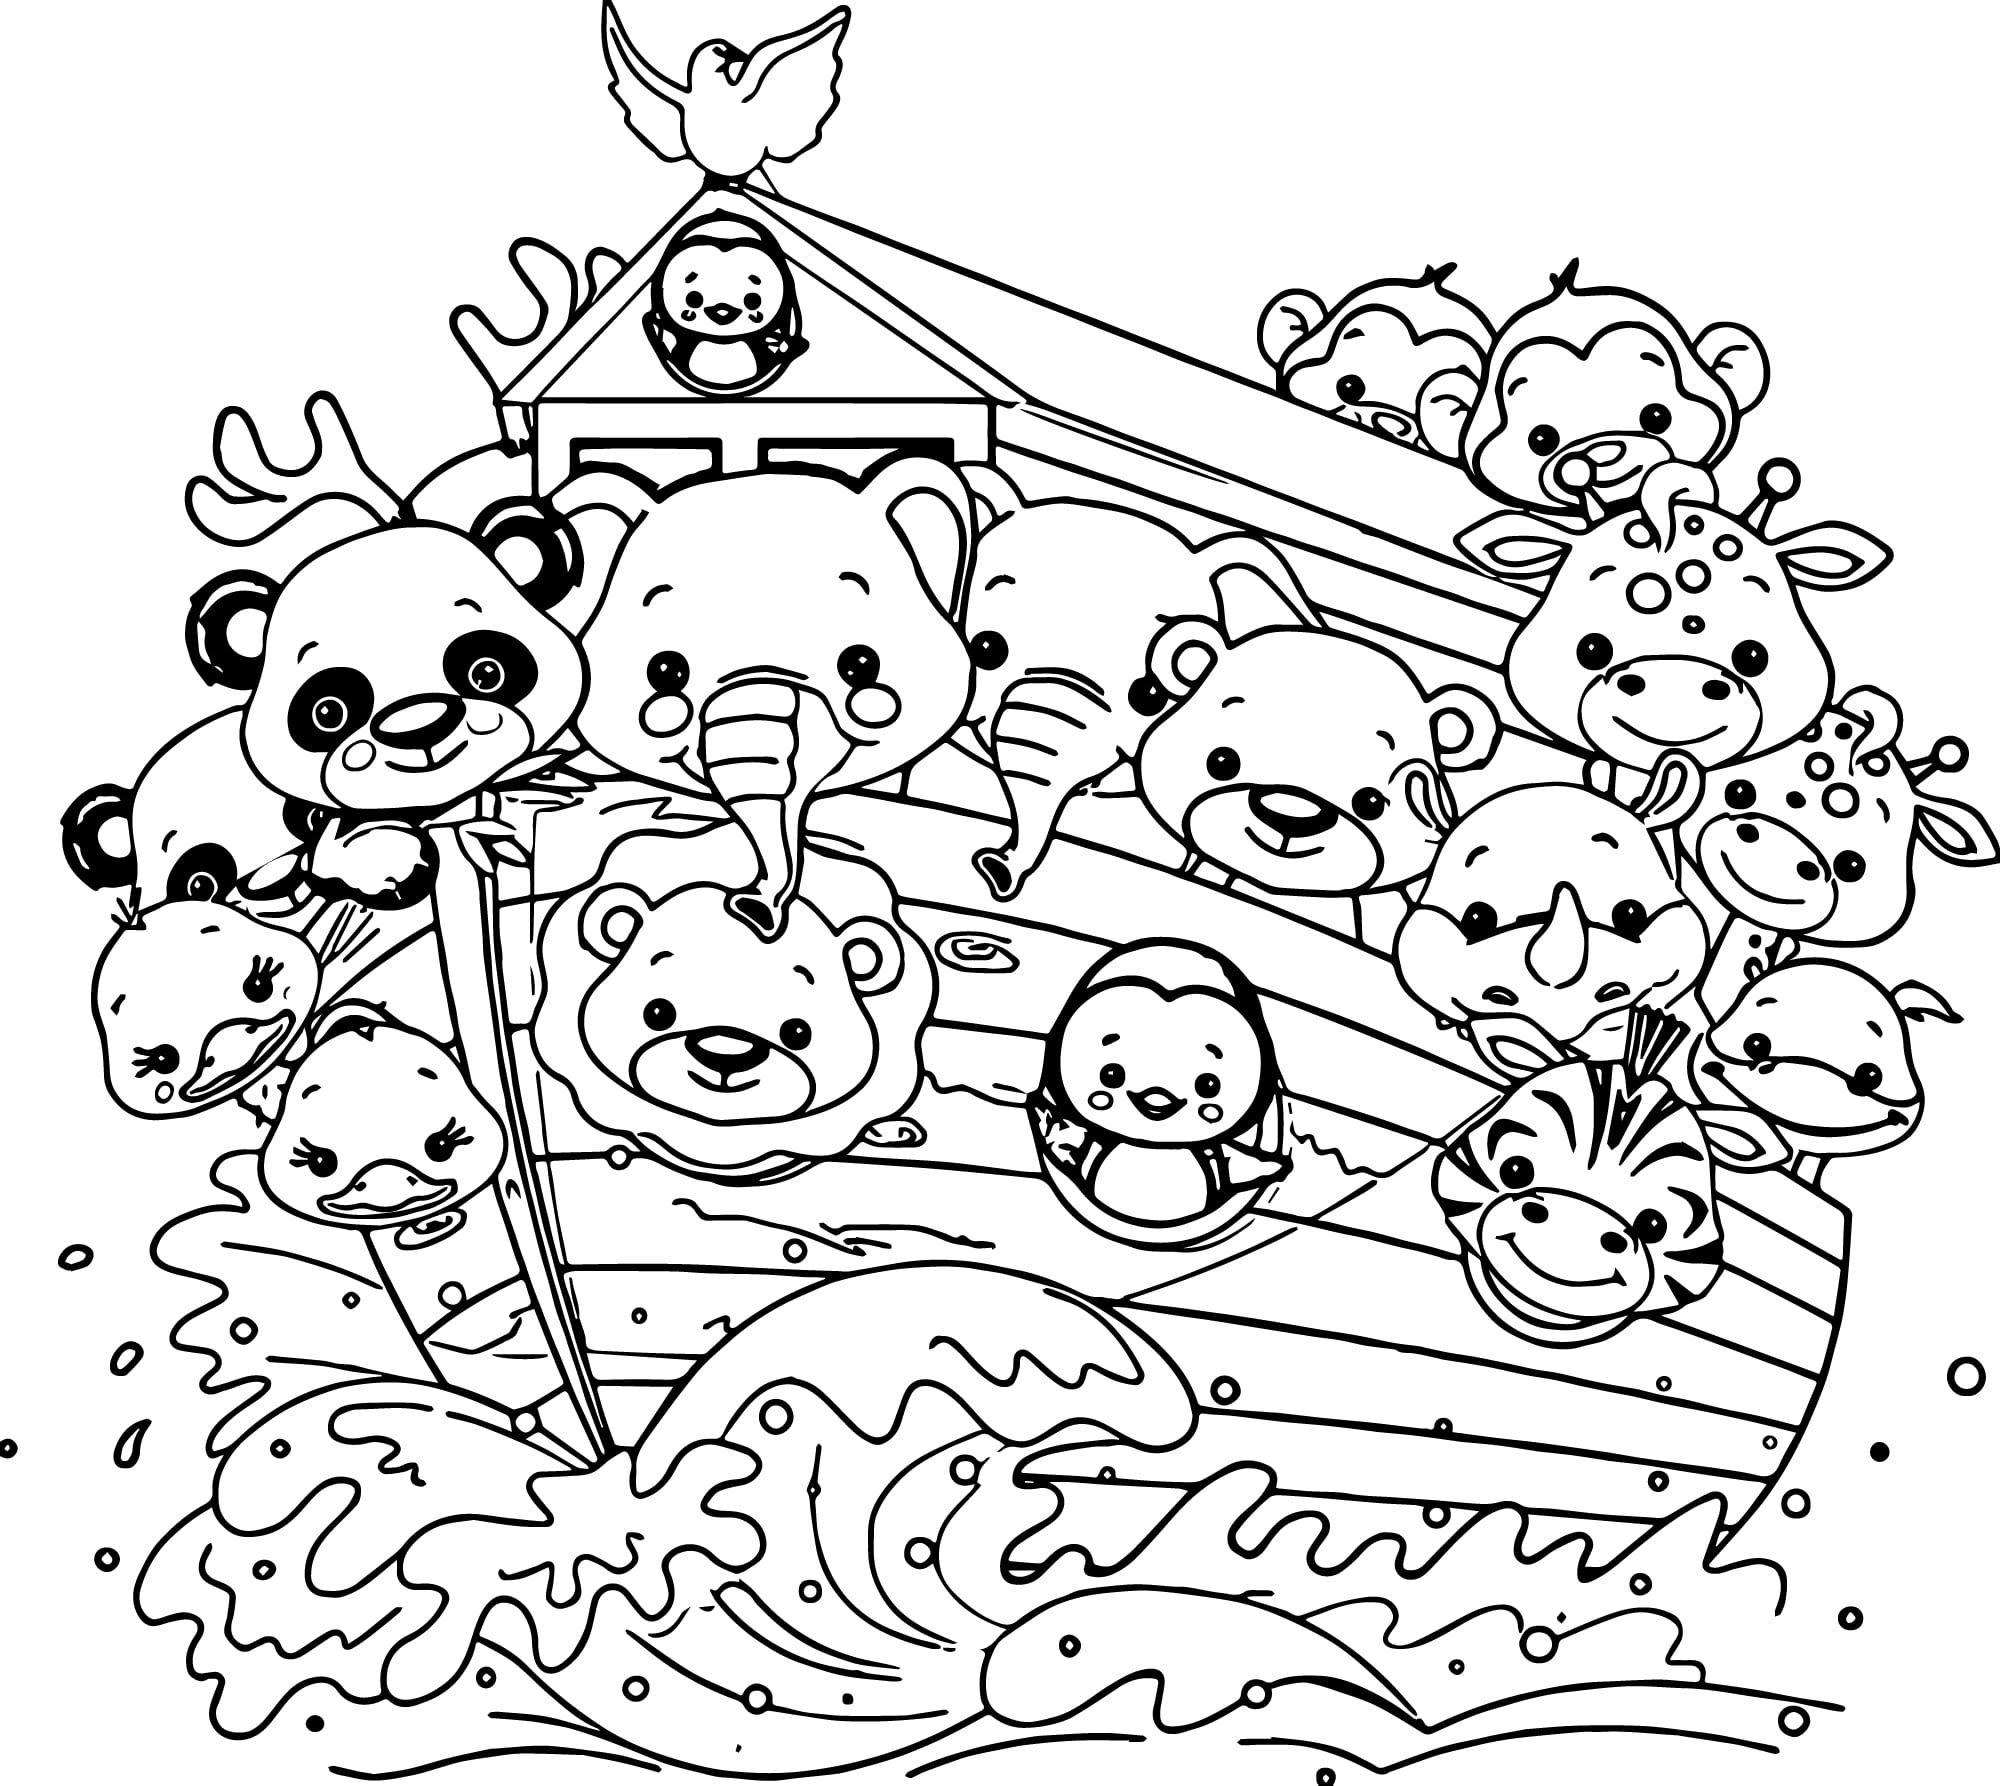 Noah S Ark Coloring Page Cartoon Coloring Pages Bible Coloring Pages Bible Coloring